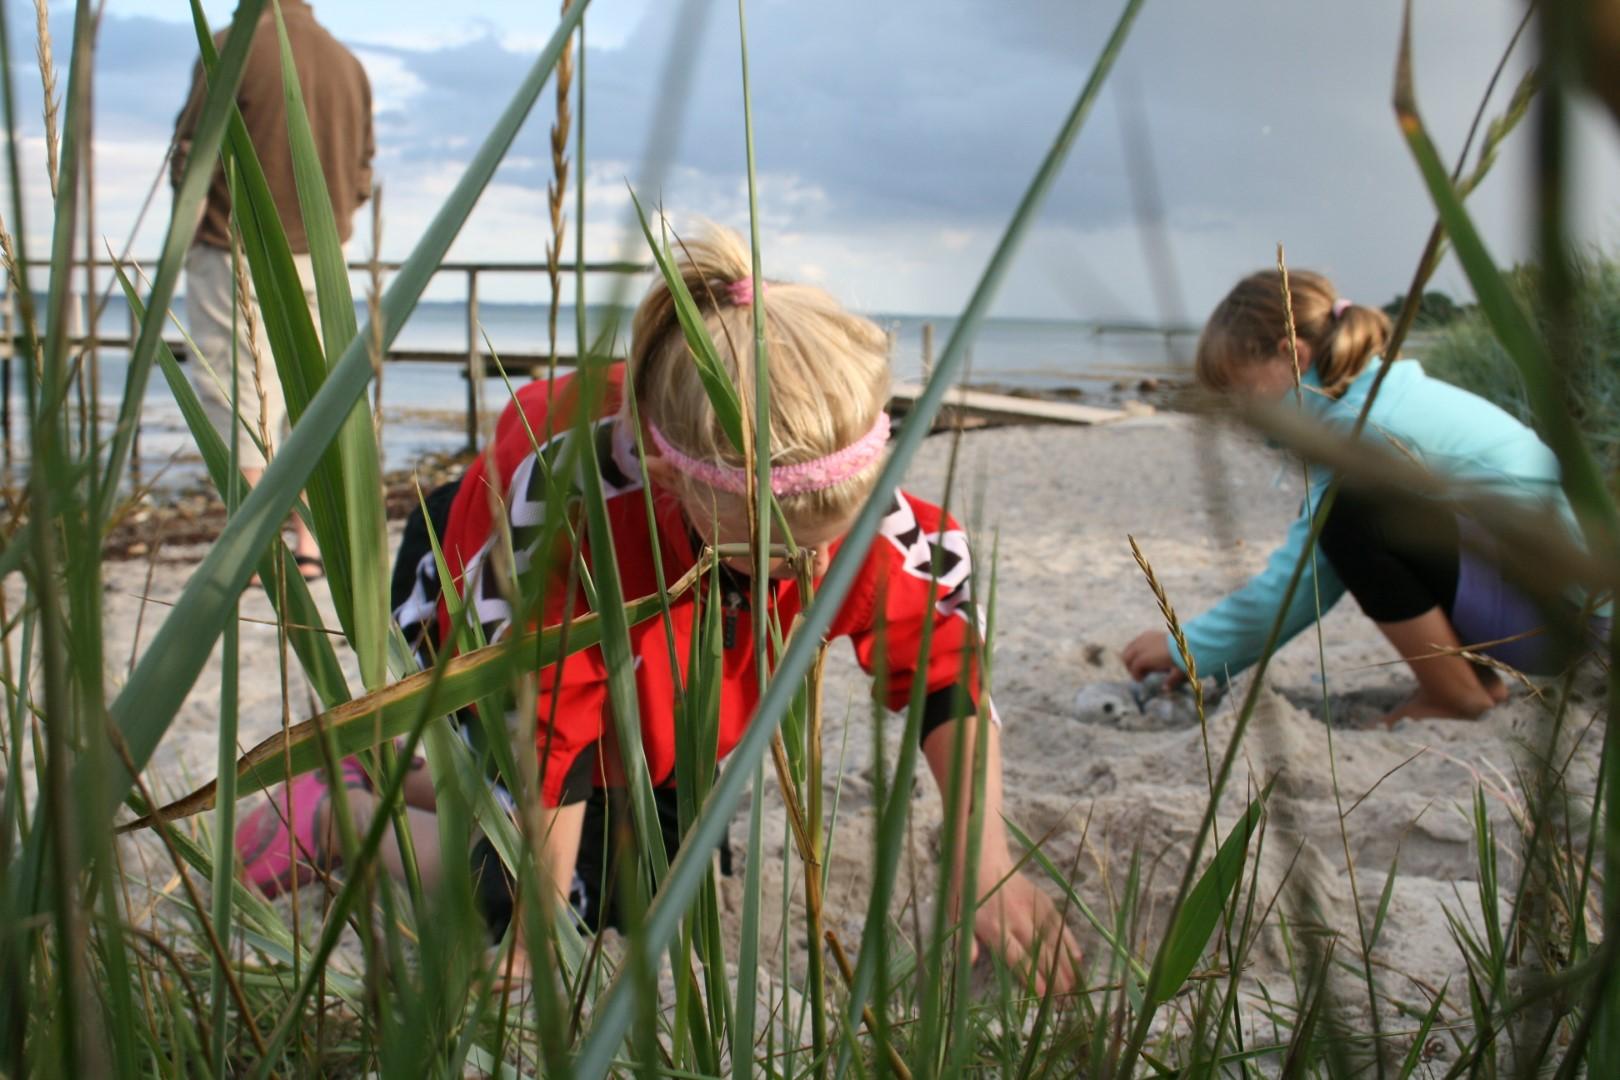 Børn leger på stranden